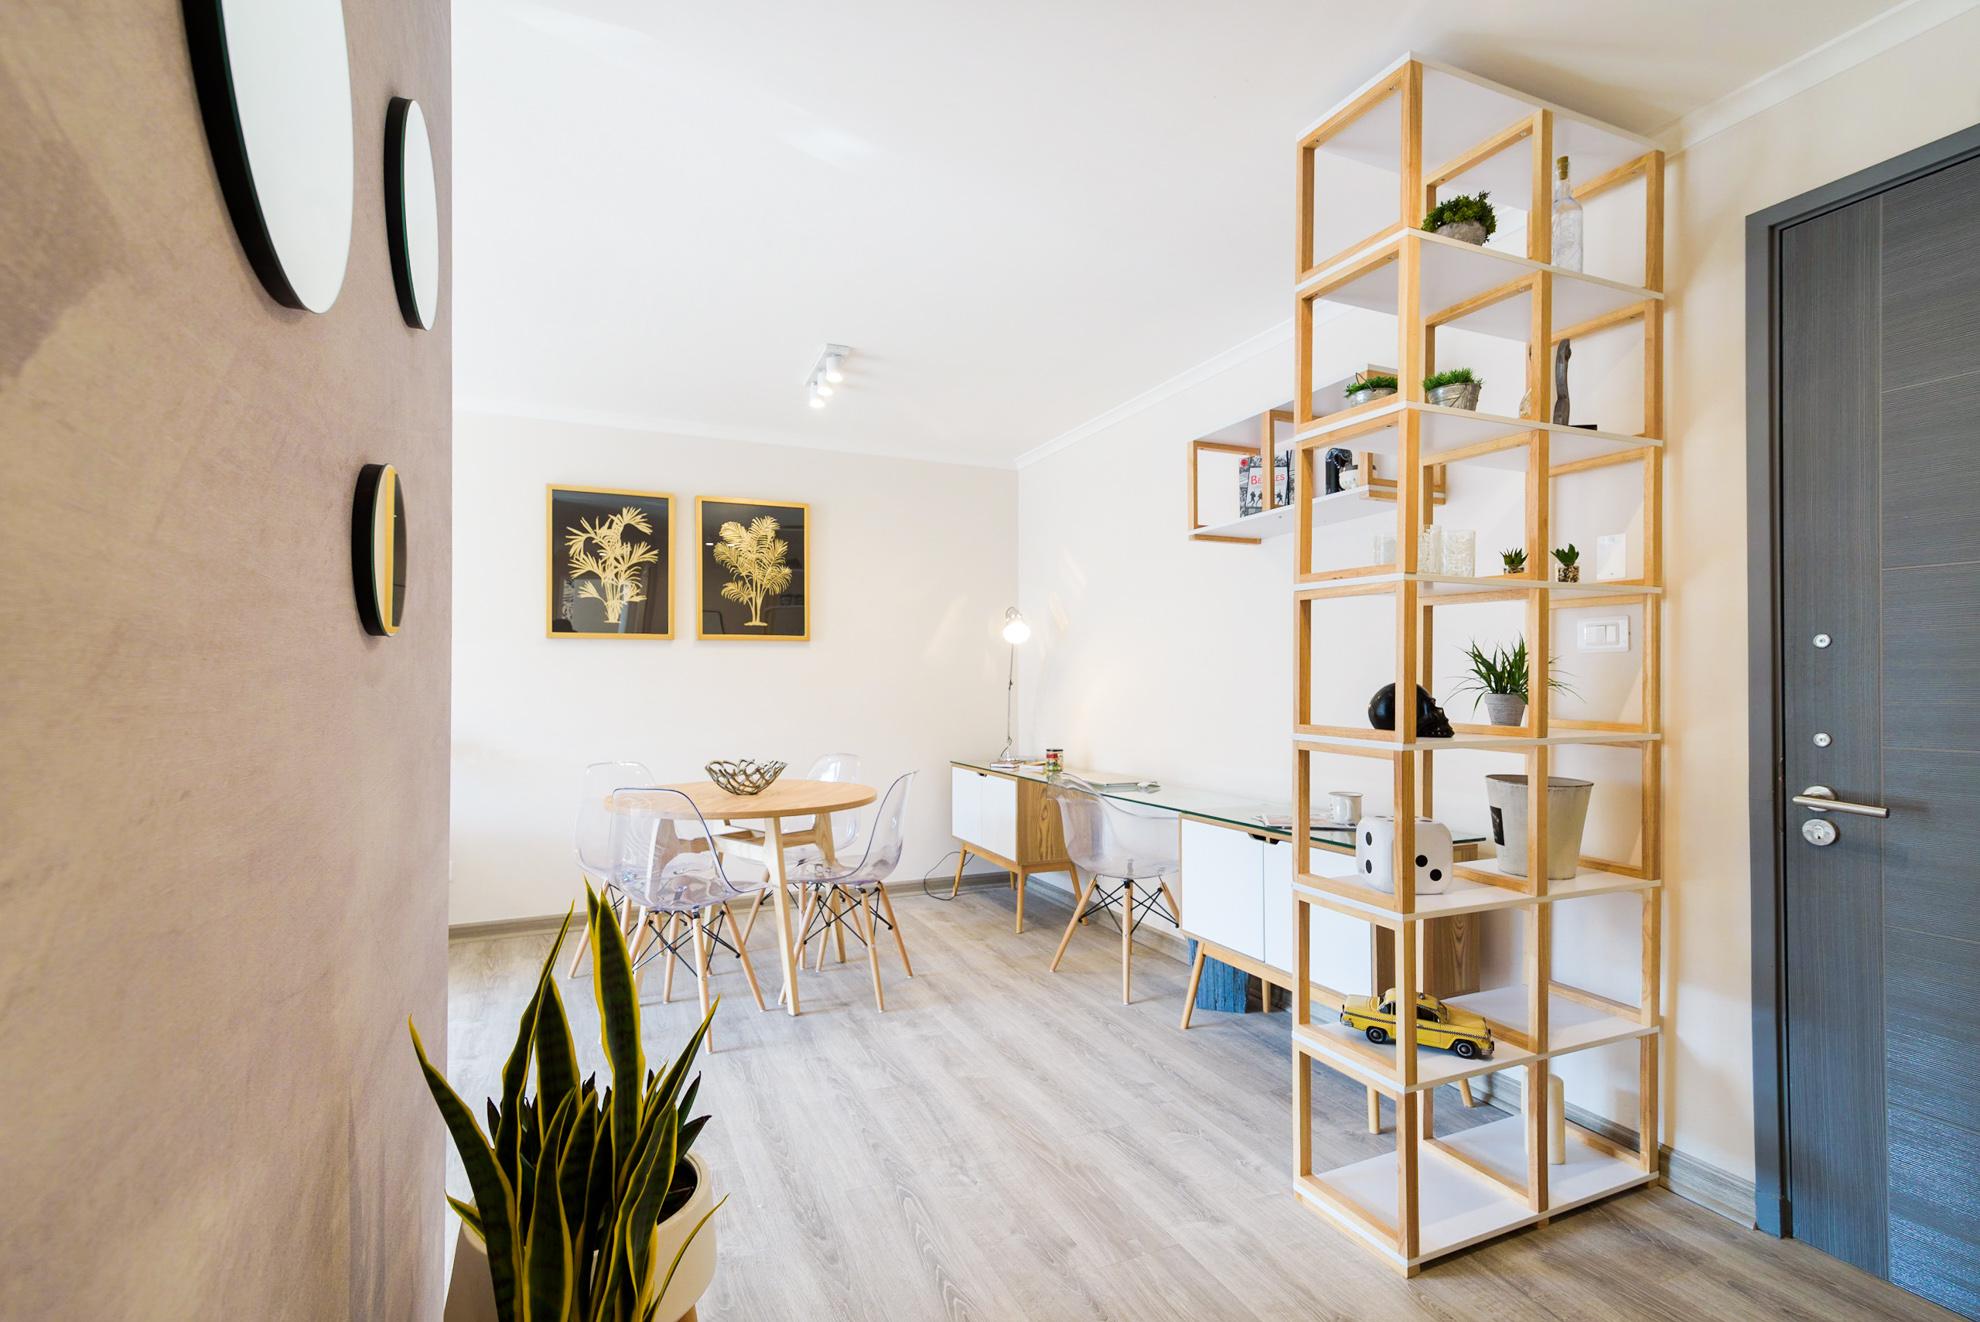 fotografia arquitectura interior-2.jpg